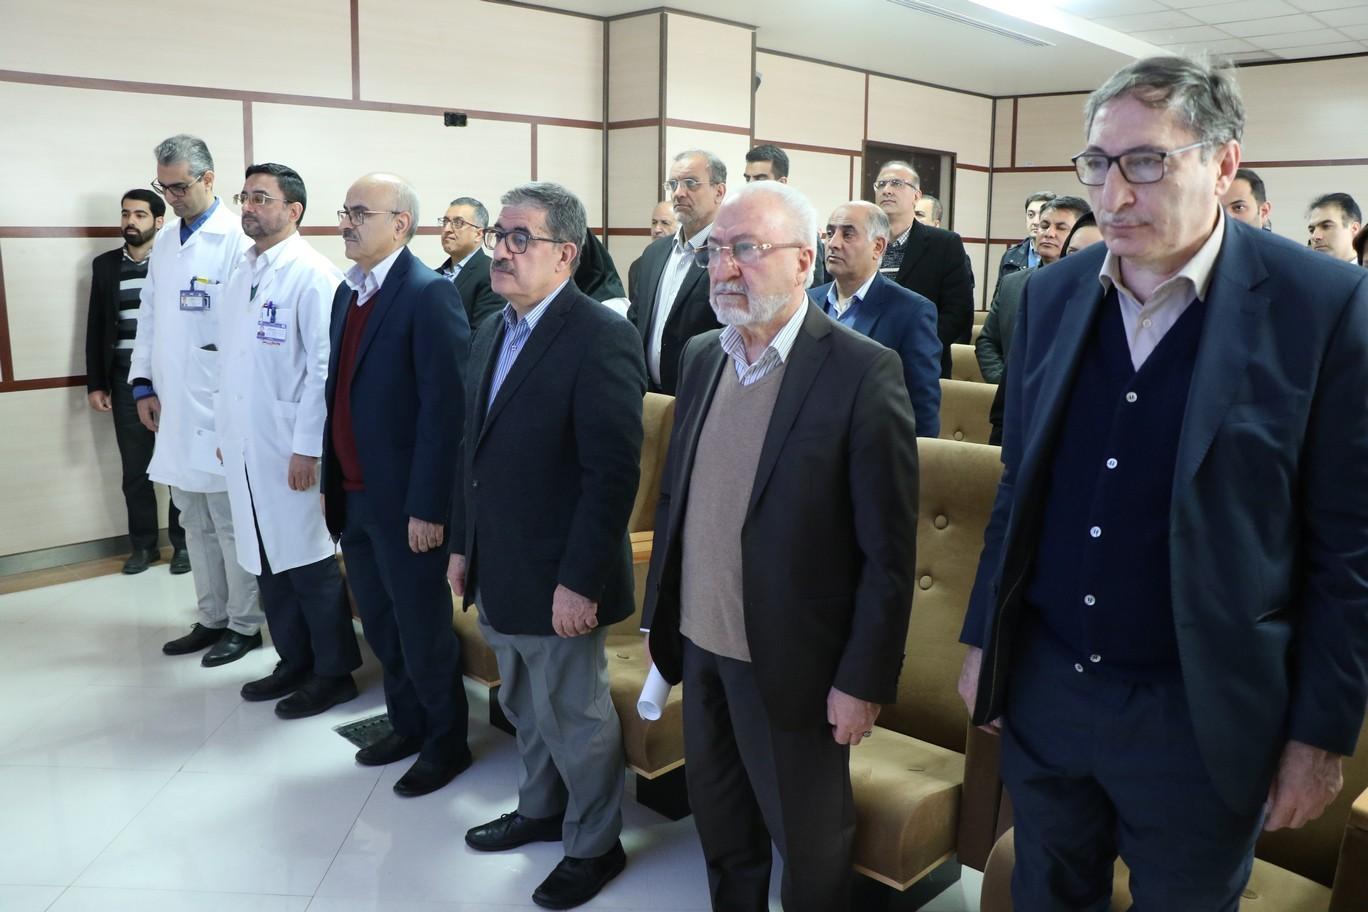 افتتاح سیستم PET-CT در مرکز پزشکی هسته ای مجتمع بیمارستانی امام خمینی (ره)